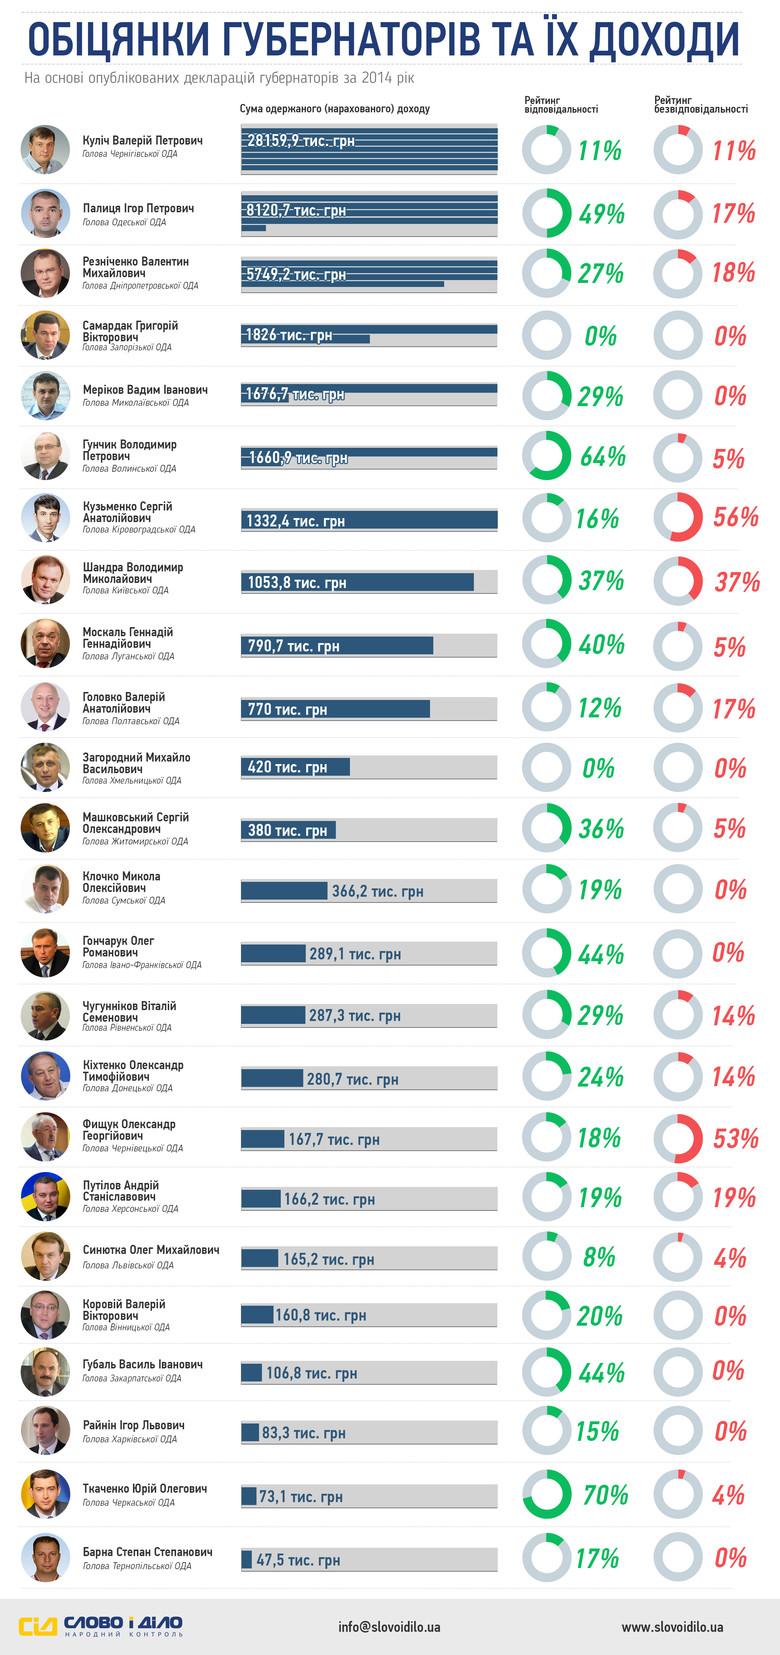 «Слово і Діло» вирішило показати доходи голів українських областей за 2014 рік, а також рівень їхньої відповідальності перед жителями цих регіонів.